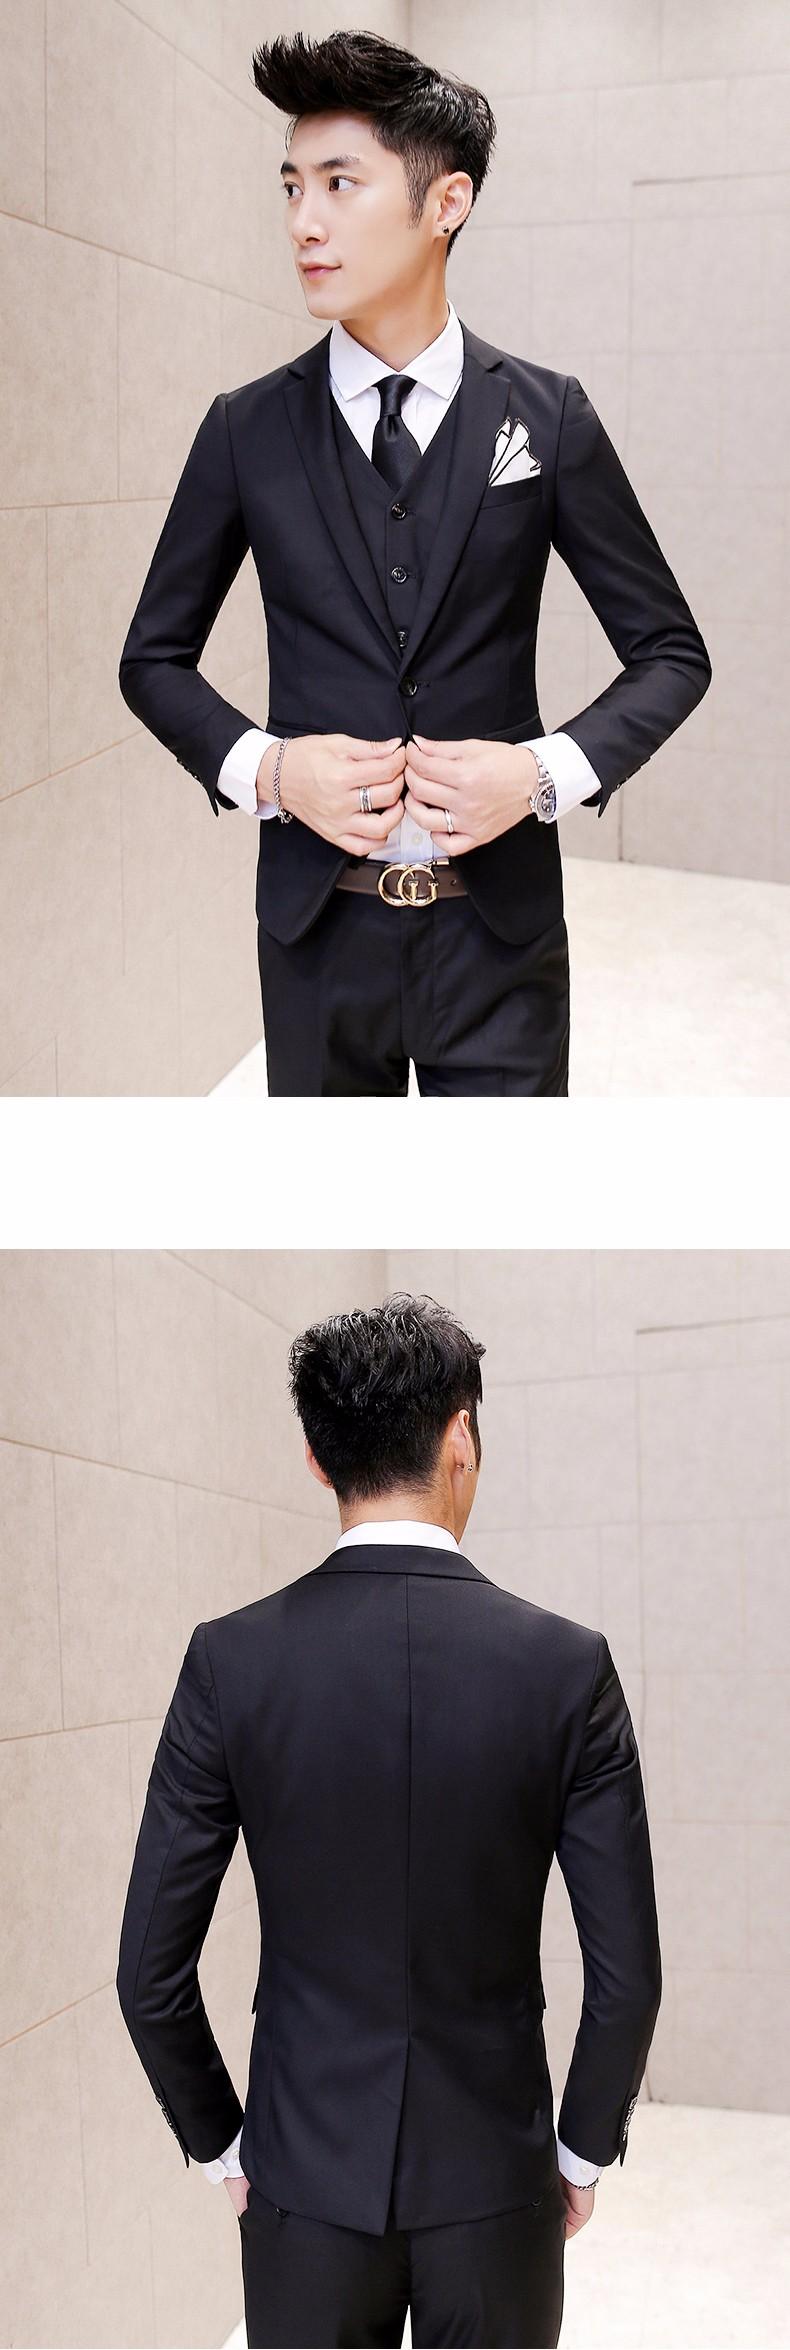 black gold suits